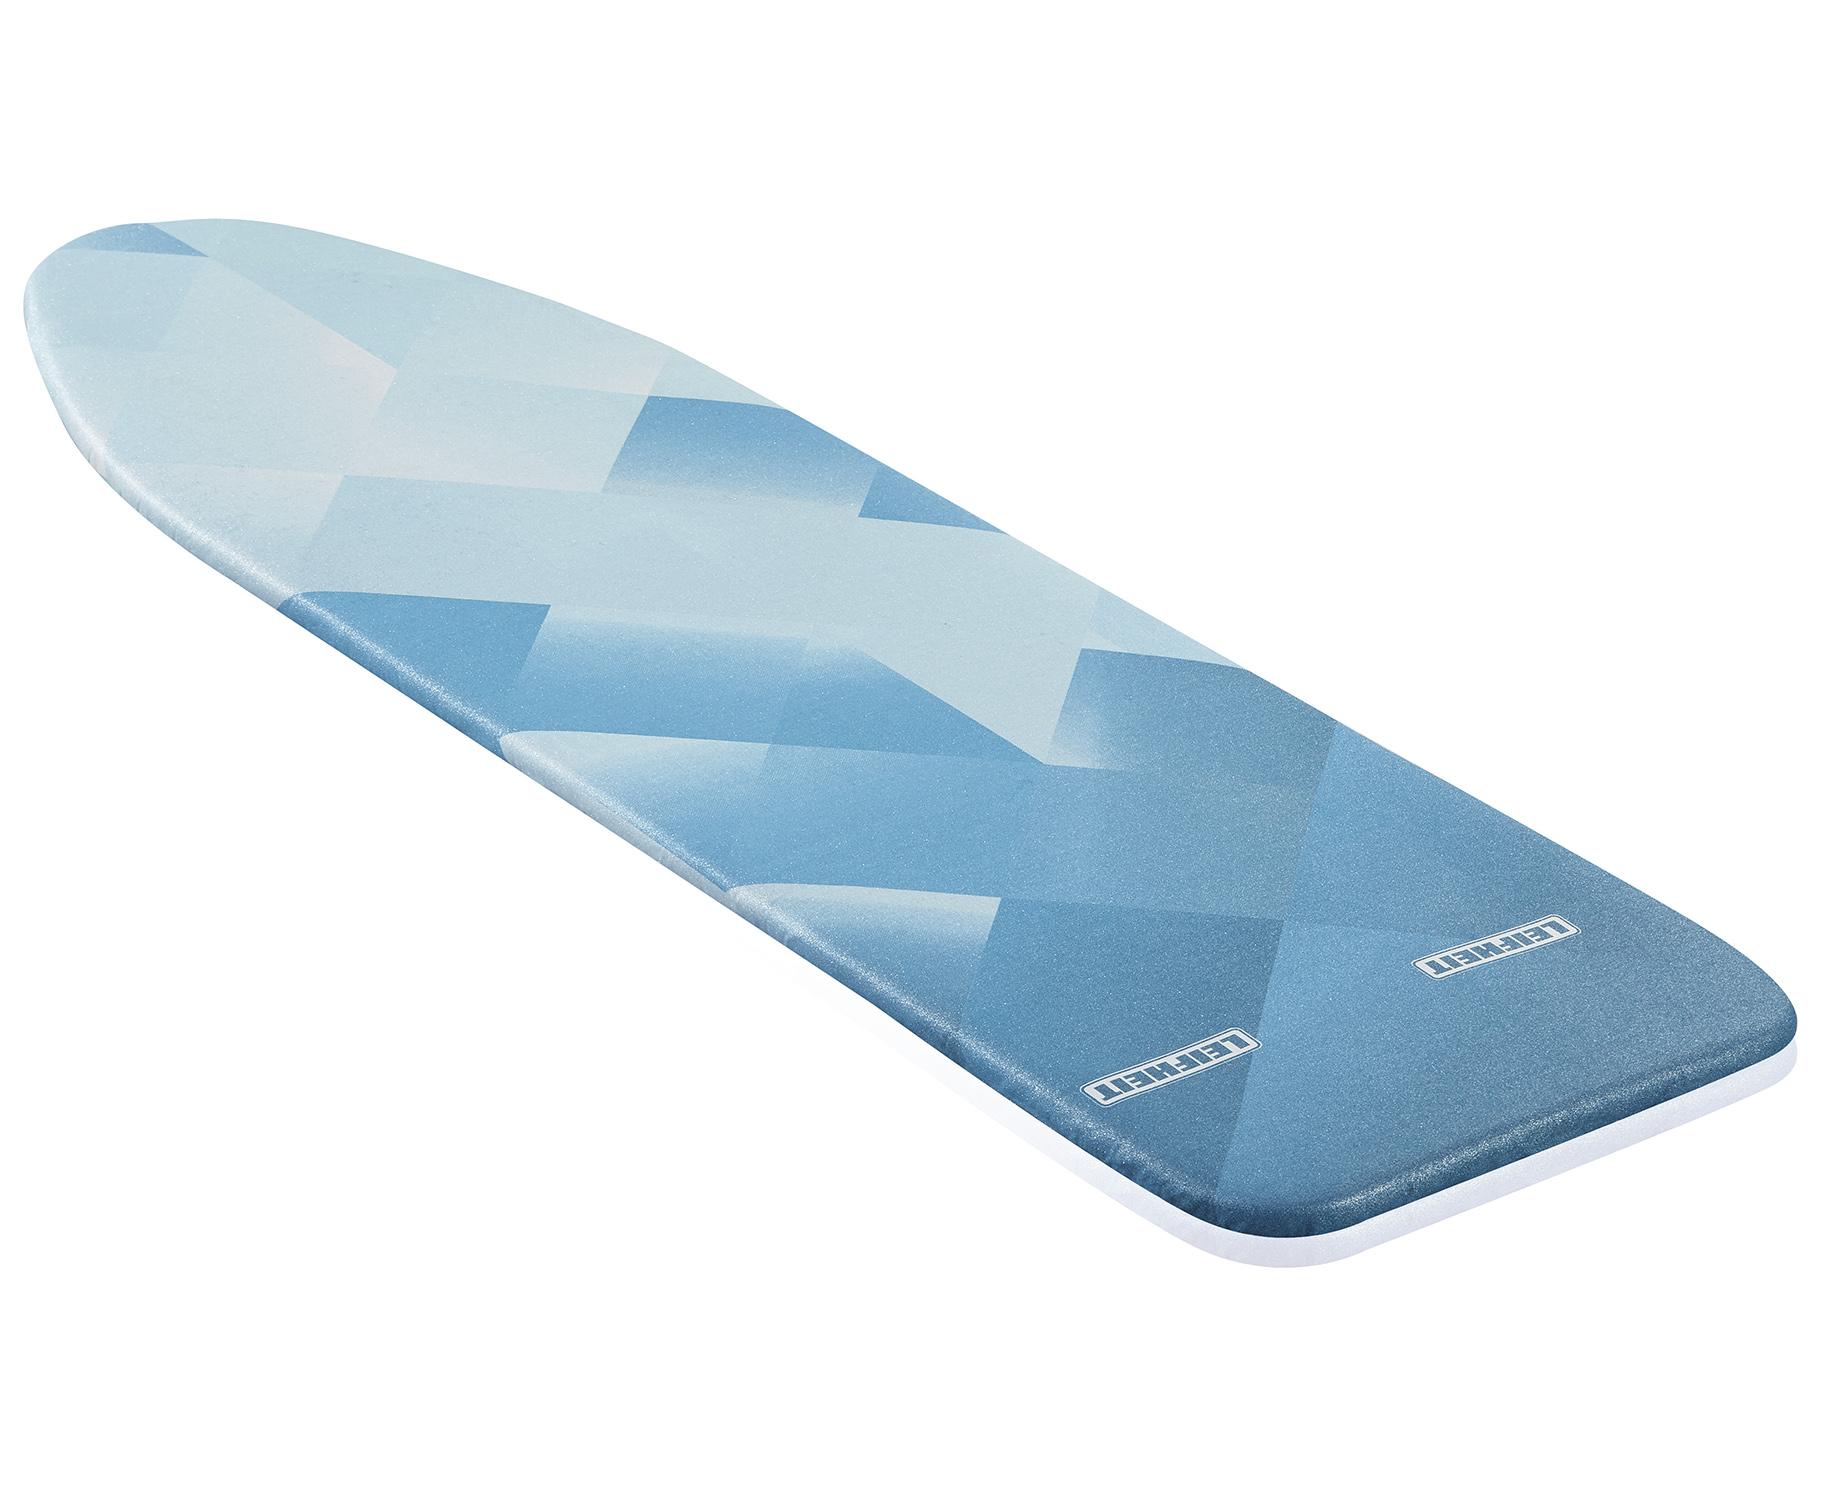 LEIFHEIT Heat Reflect Univerzální potah na žehlicí prkno, 125 x 40 cm LEIFHEIT 71603